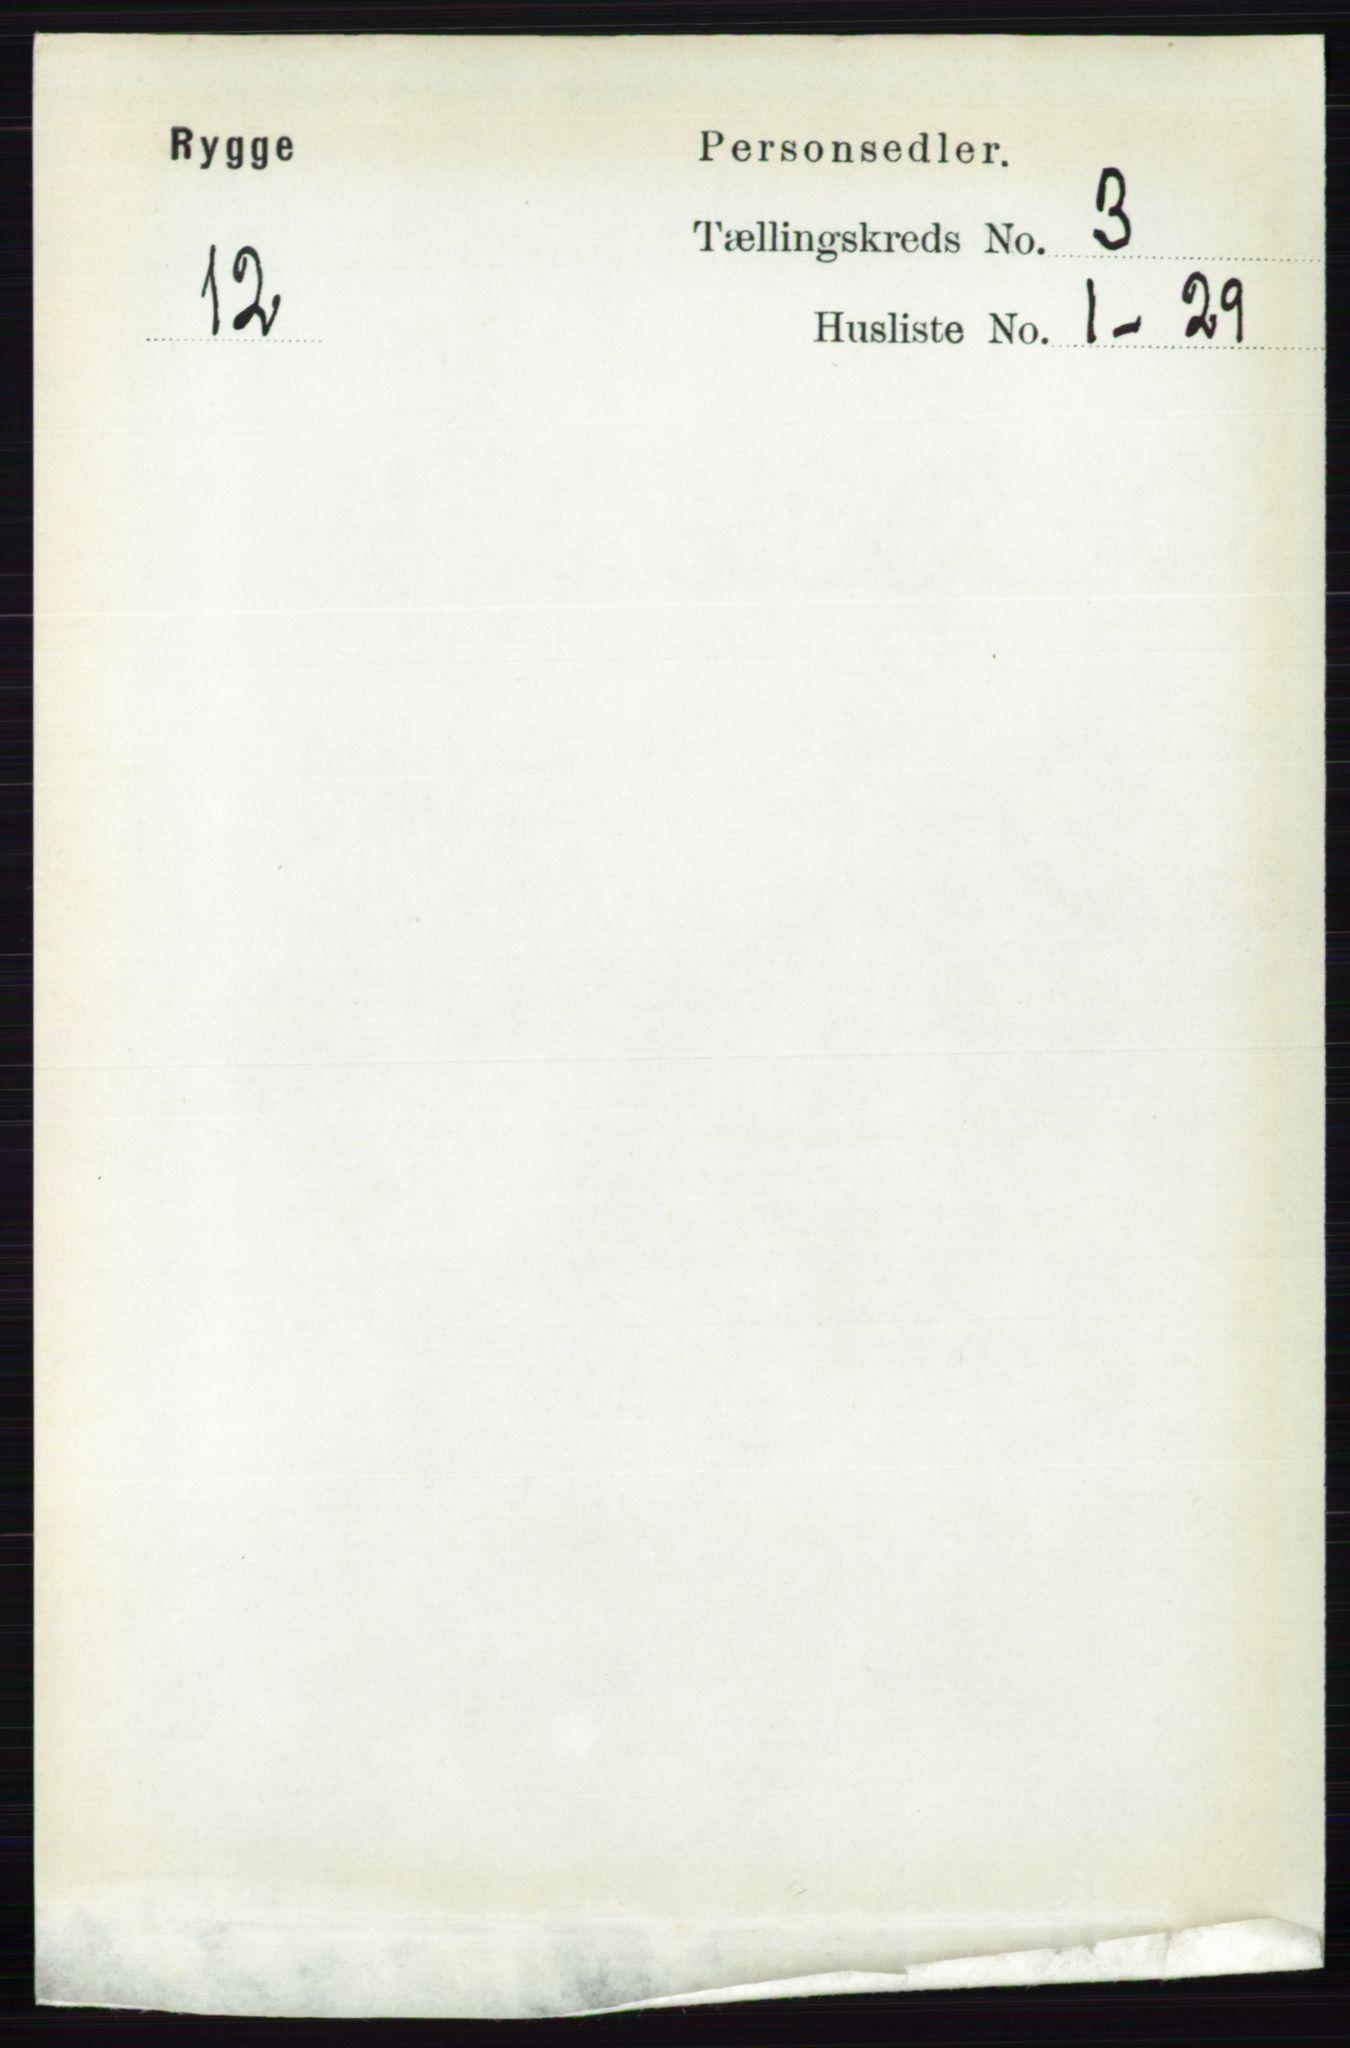 RA, Folketelling 1891 for 0136 Rygge herred, 1891, s. 1667